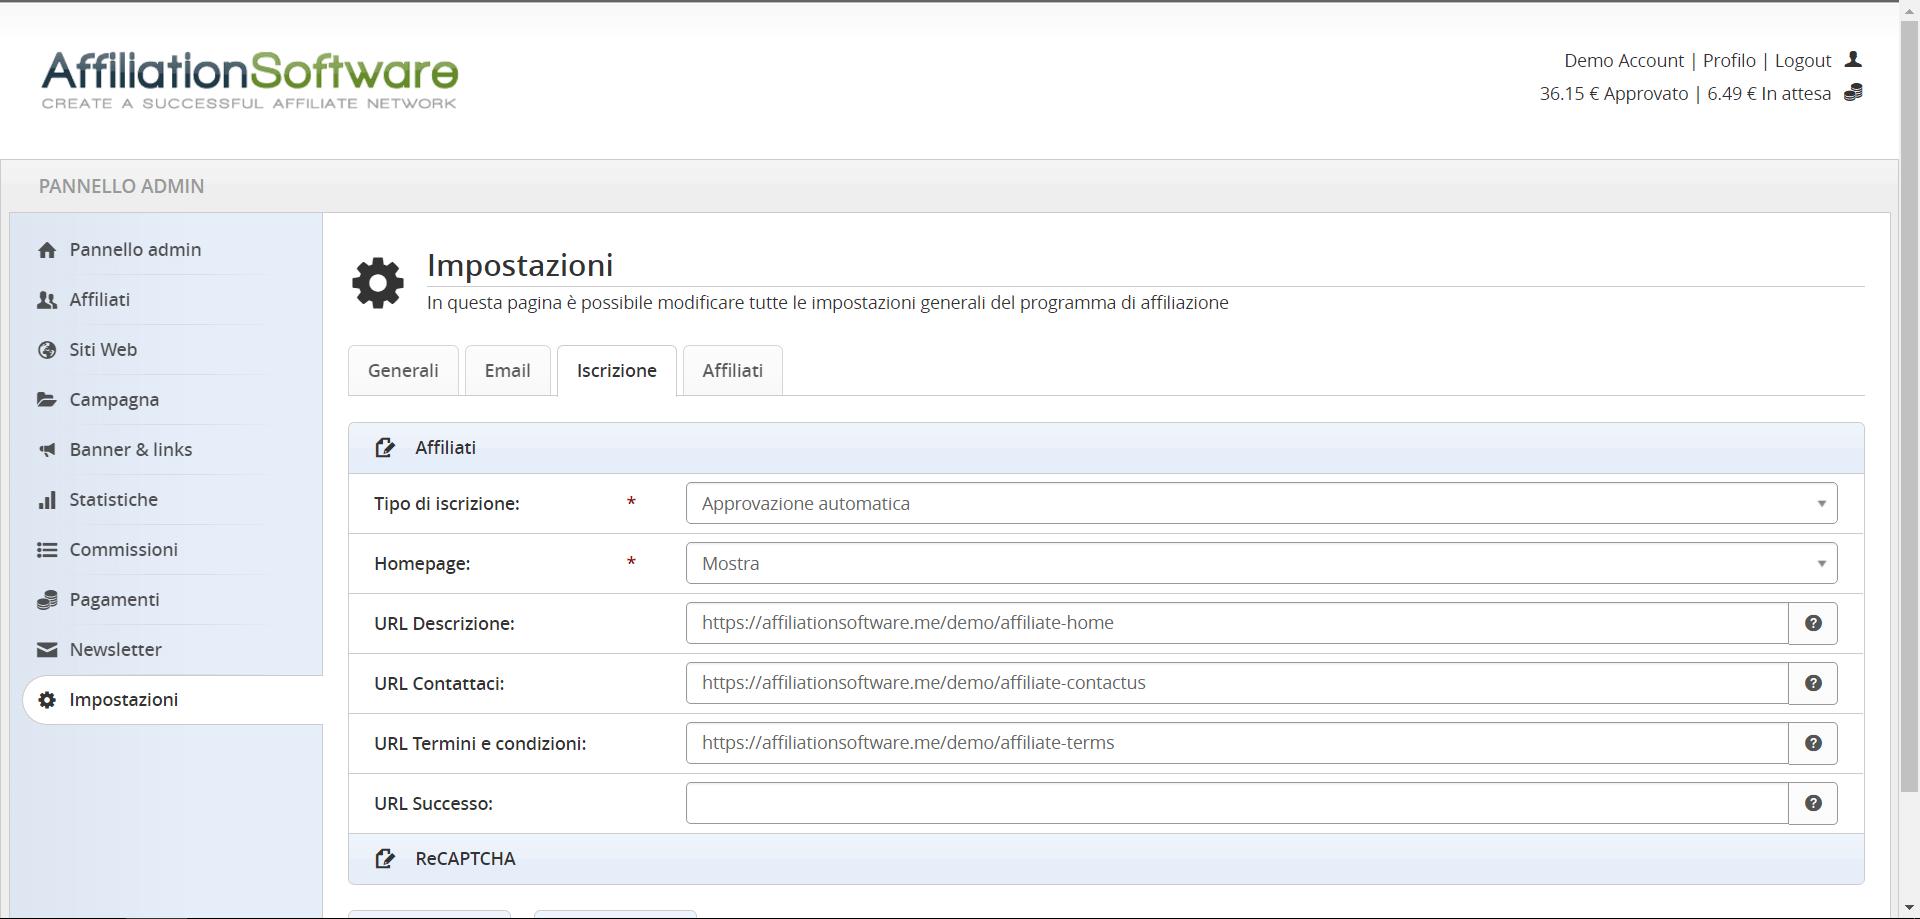 Impostazioni per la pagina di iscrizione